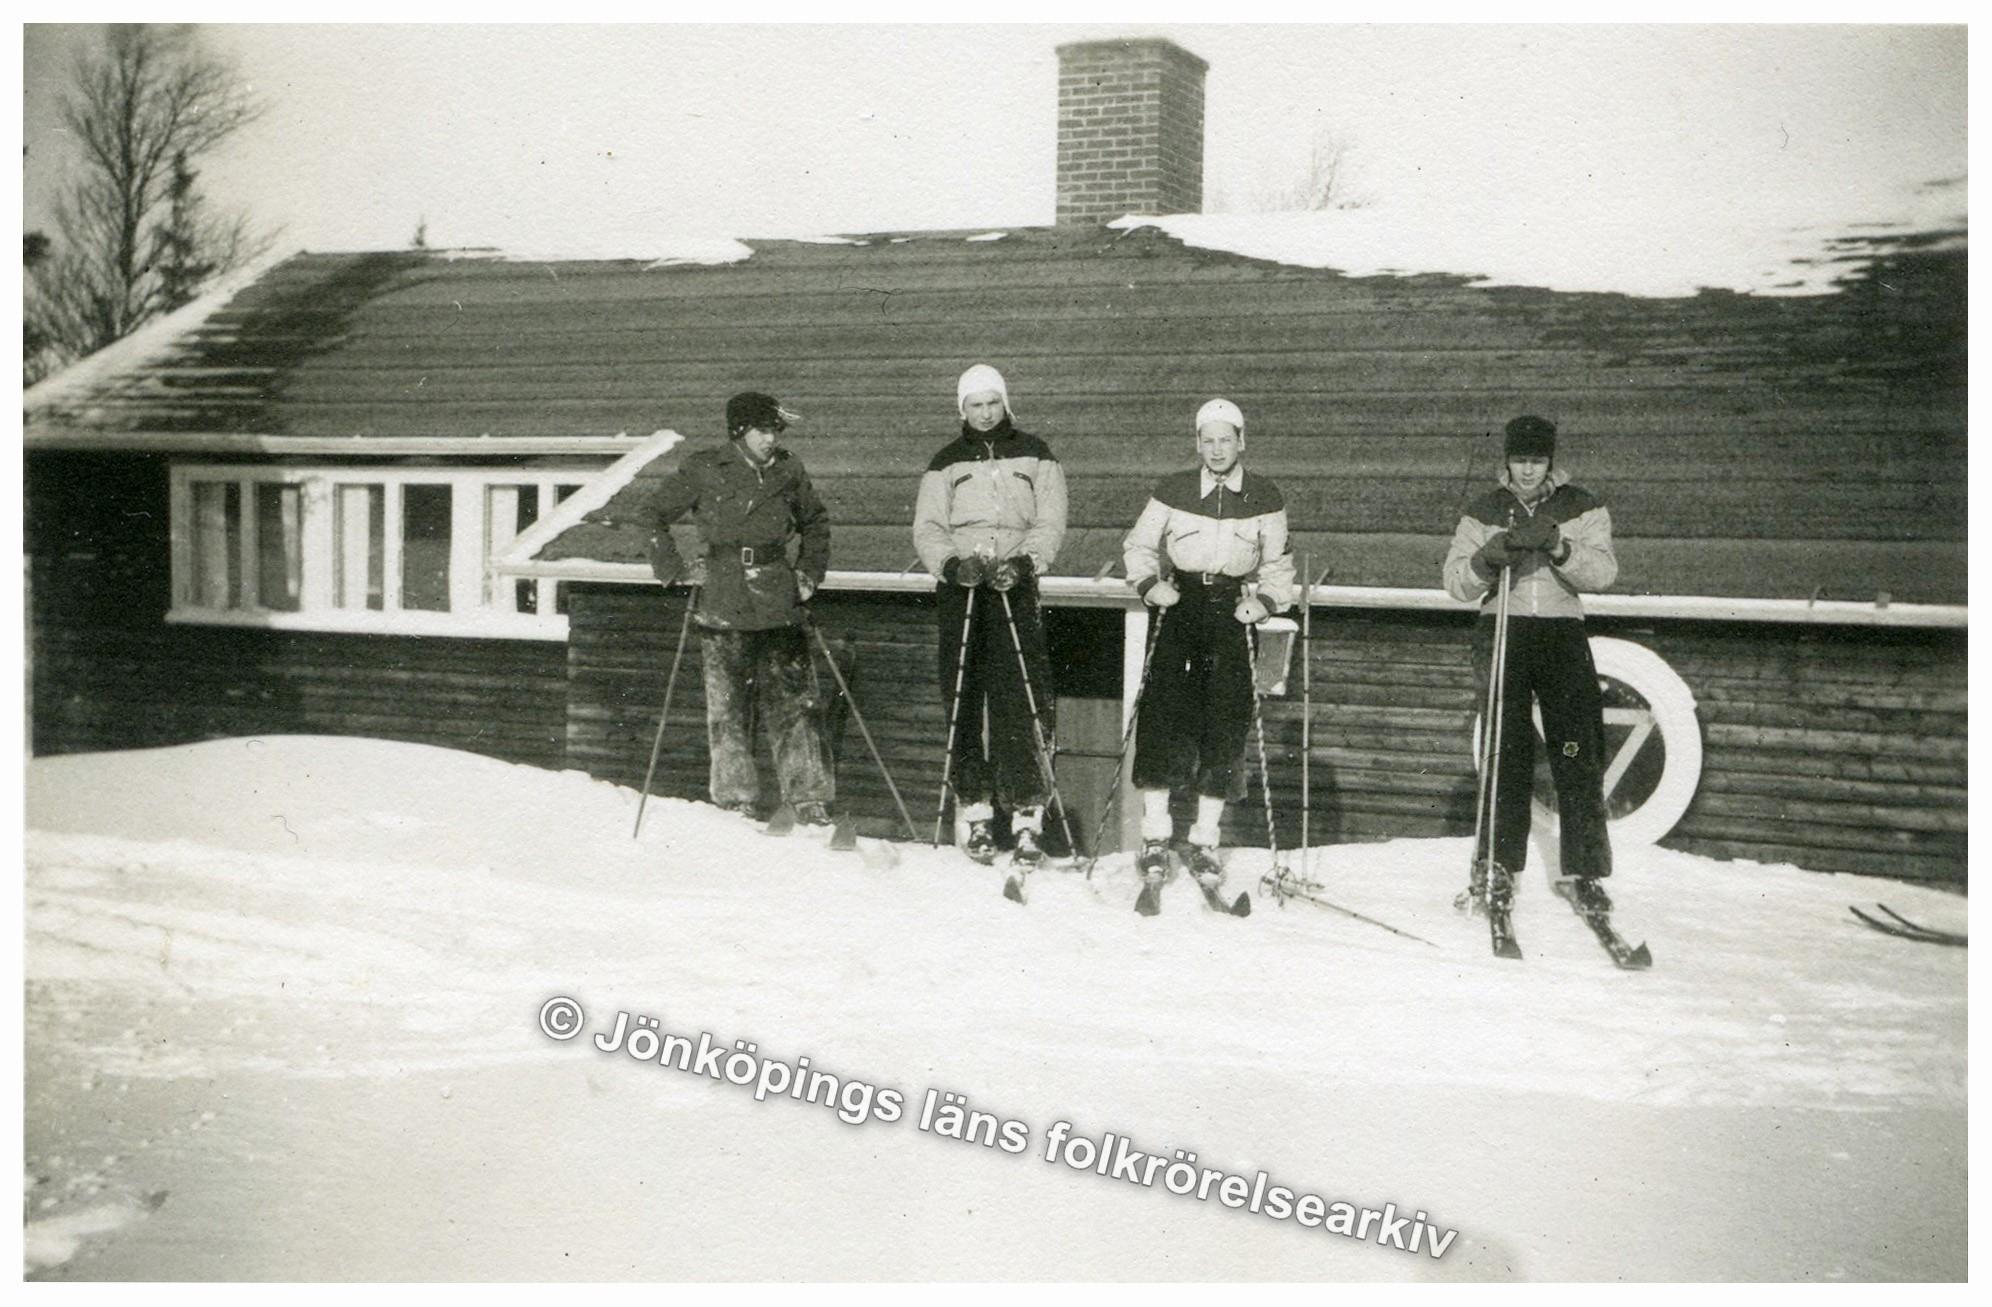 Fyra stycken unga män i skidutrustning framför en trästuga.